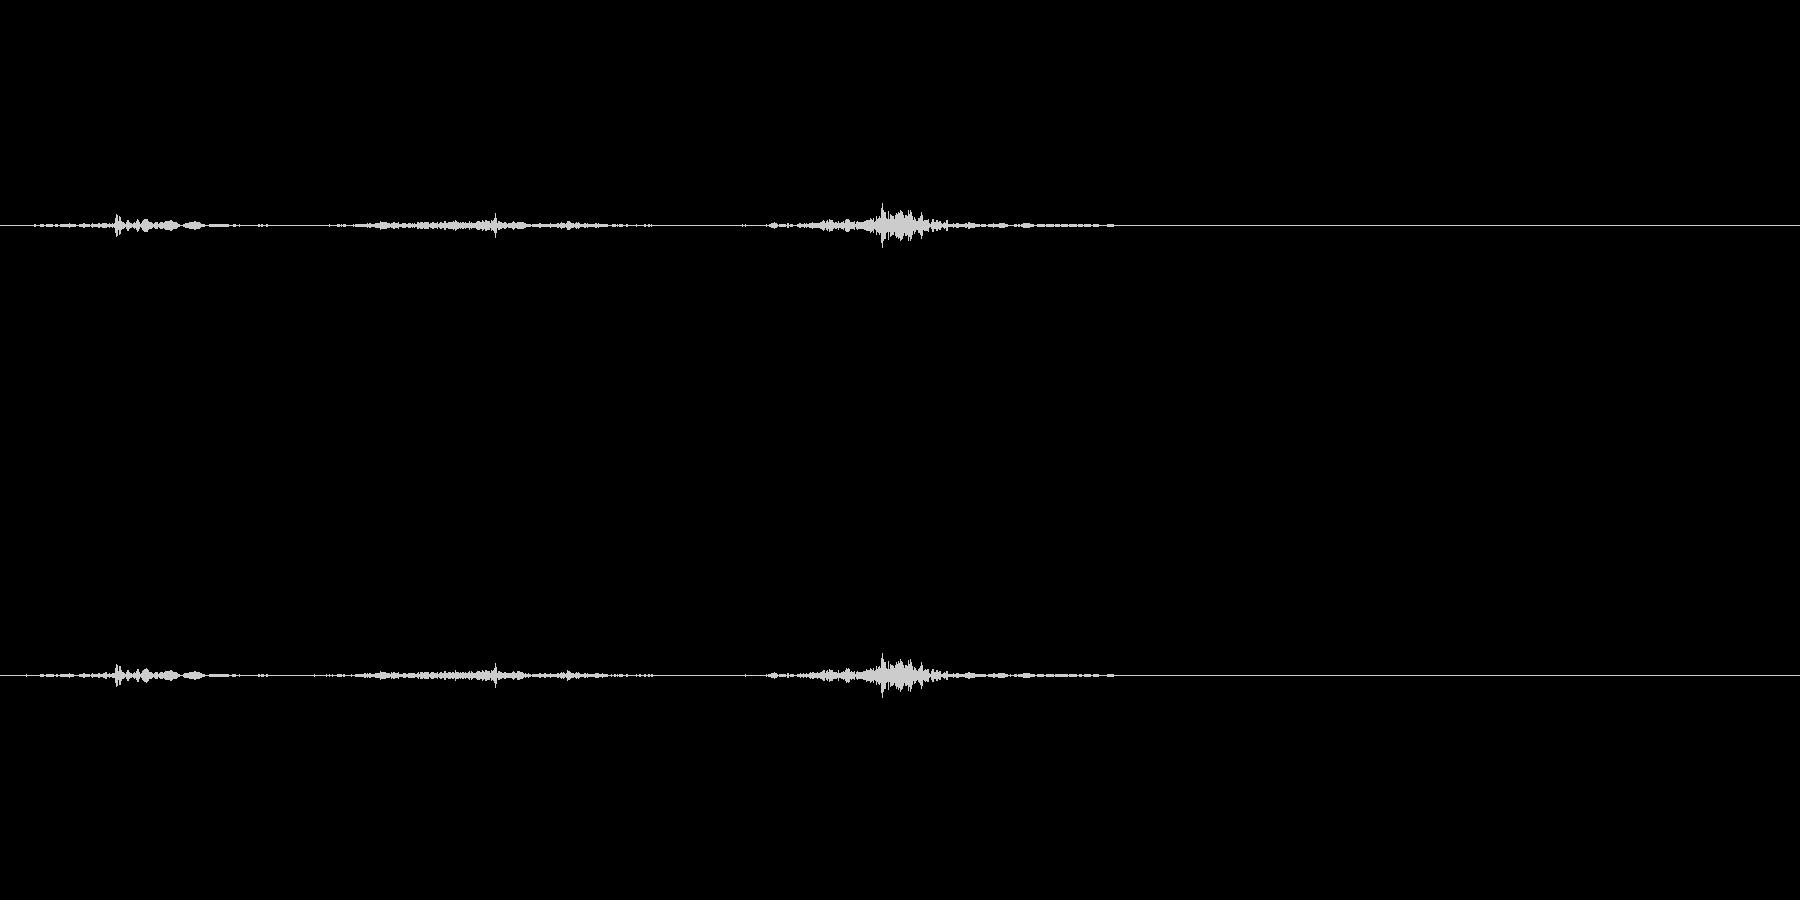 チェックボックスオン(ペン)_01の未再生の波形